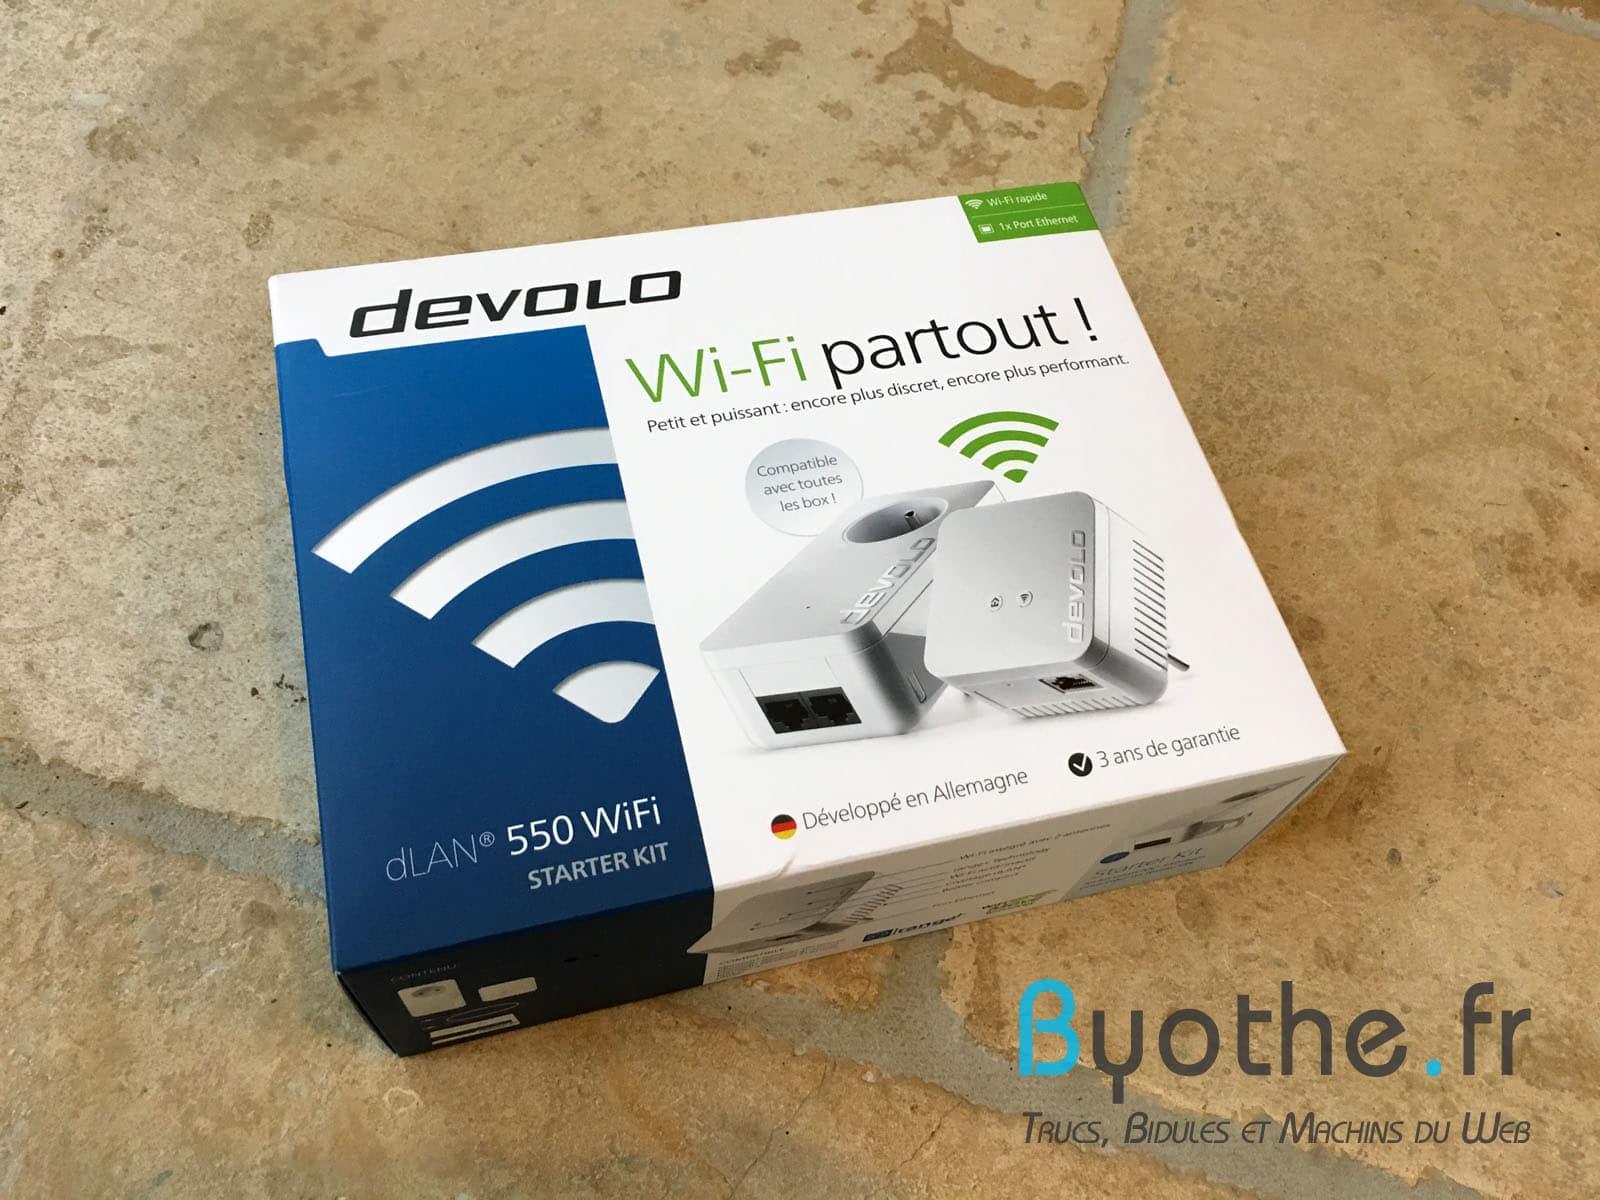 devolo-dlan-550-boite #Concours : un kit d'adaptateurs CPL dLAN 550 WiFi de Devolo à gagner !